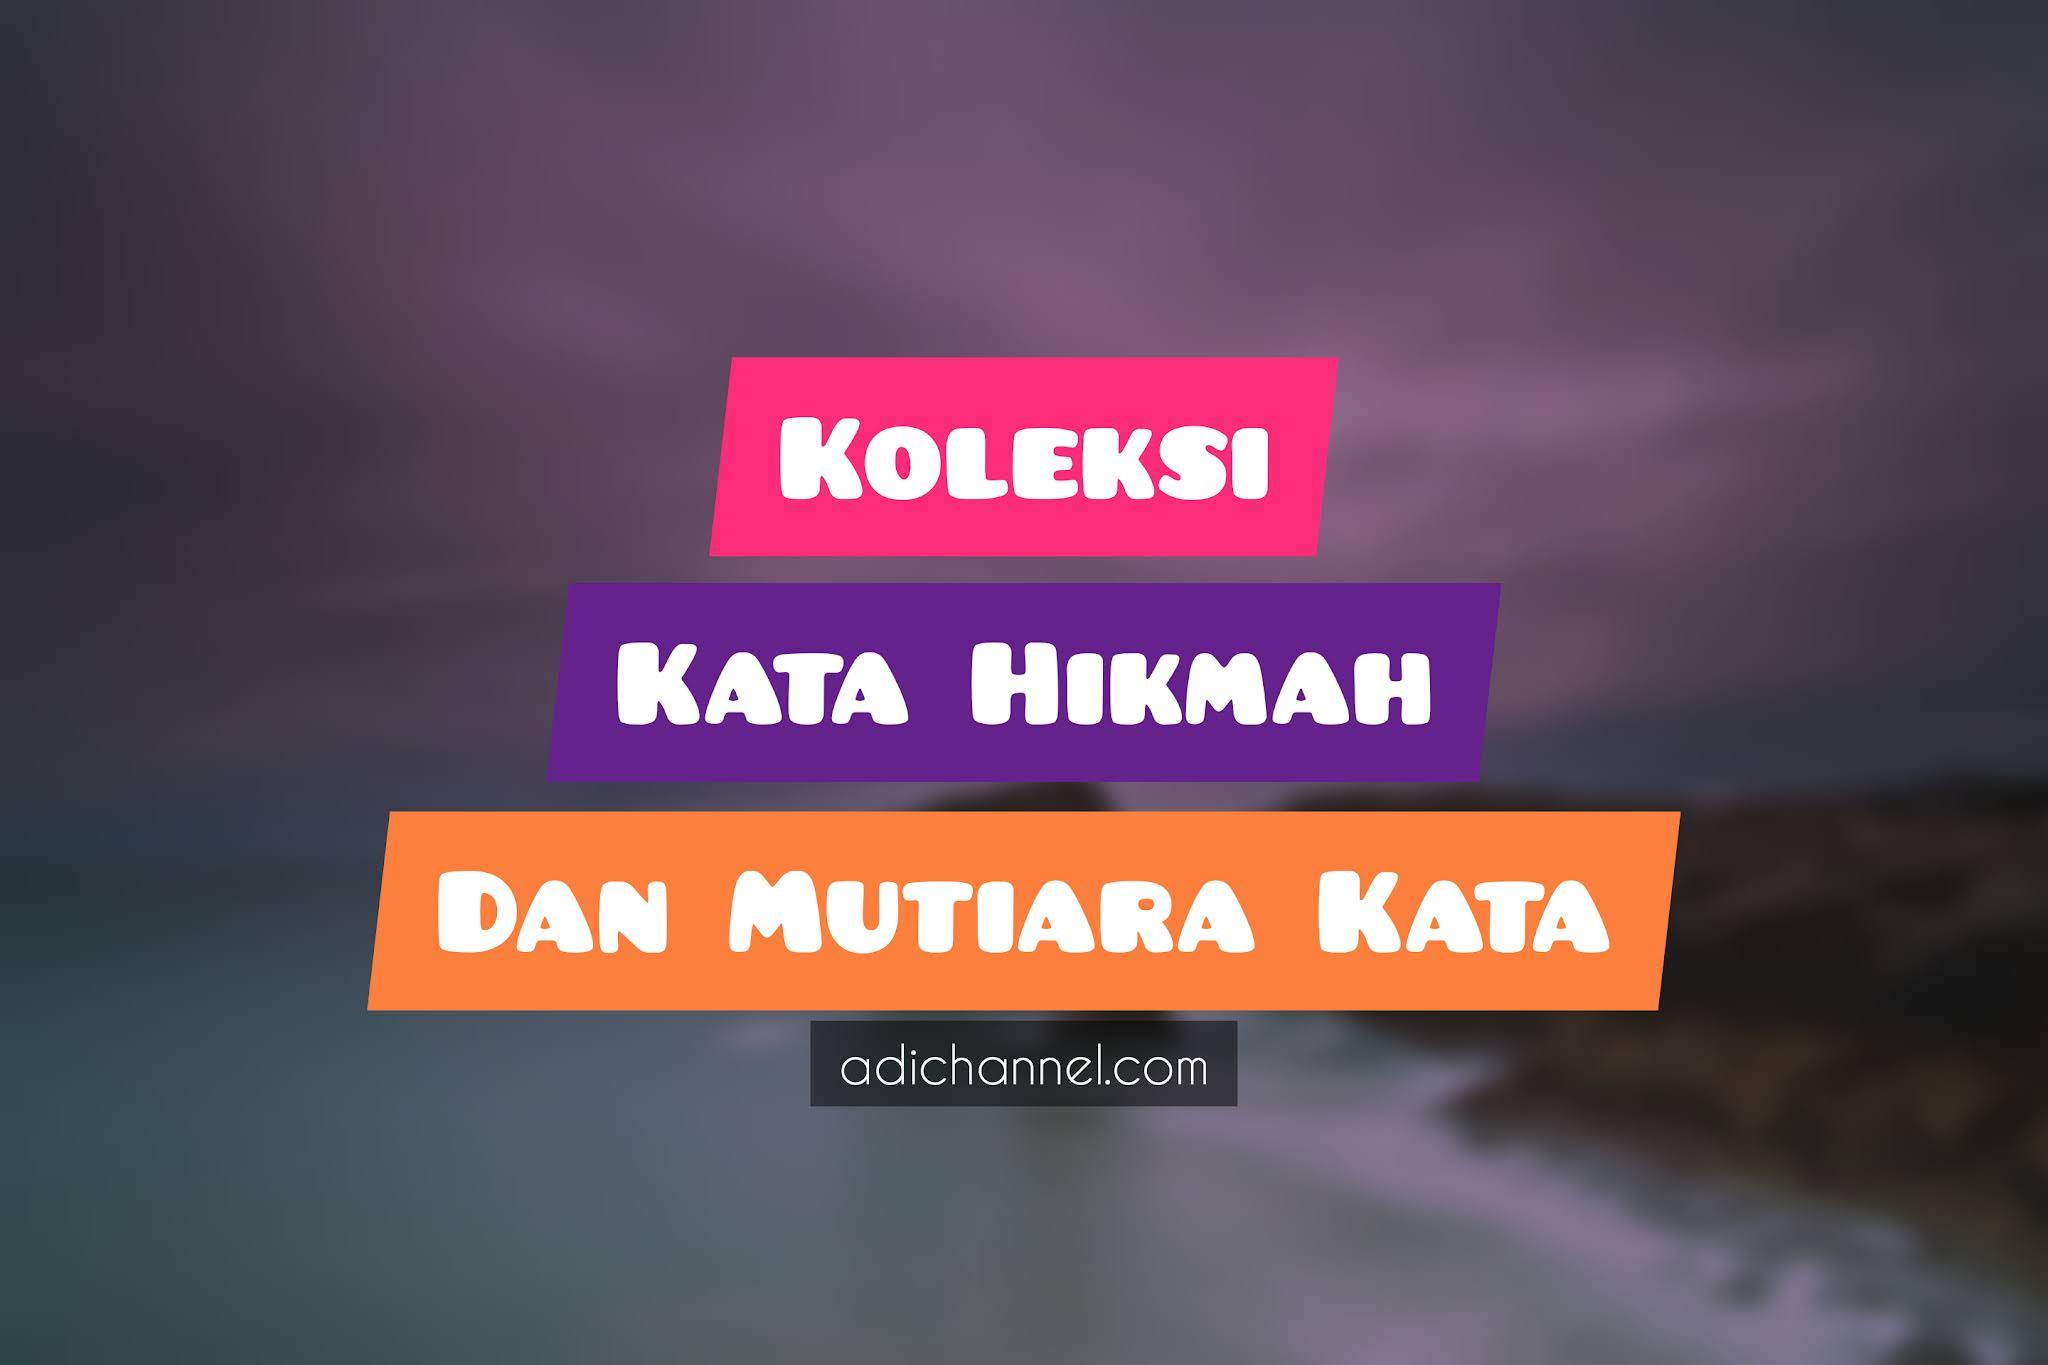 Kata Hikmah, Mutiara Kata, Mutiara Kata Nasihat, Mutiara Kata kehidupan, Mutiara kata kejayaan, Mutiara Kata sentap